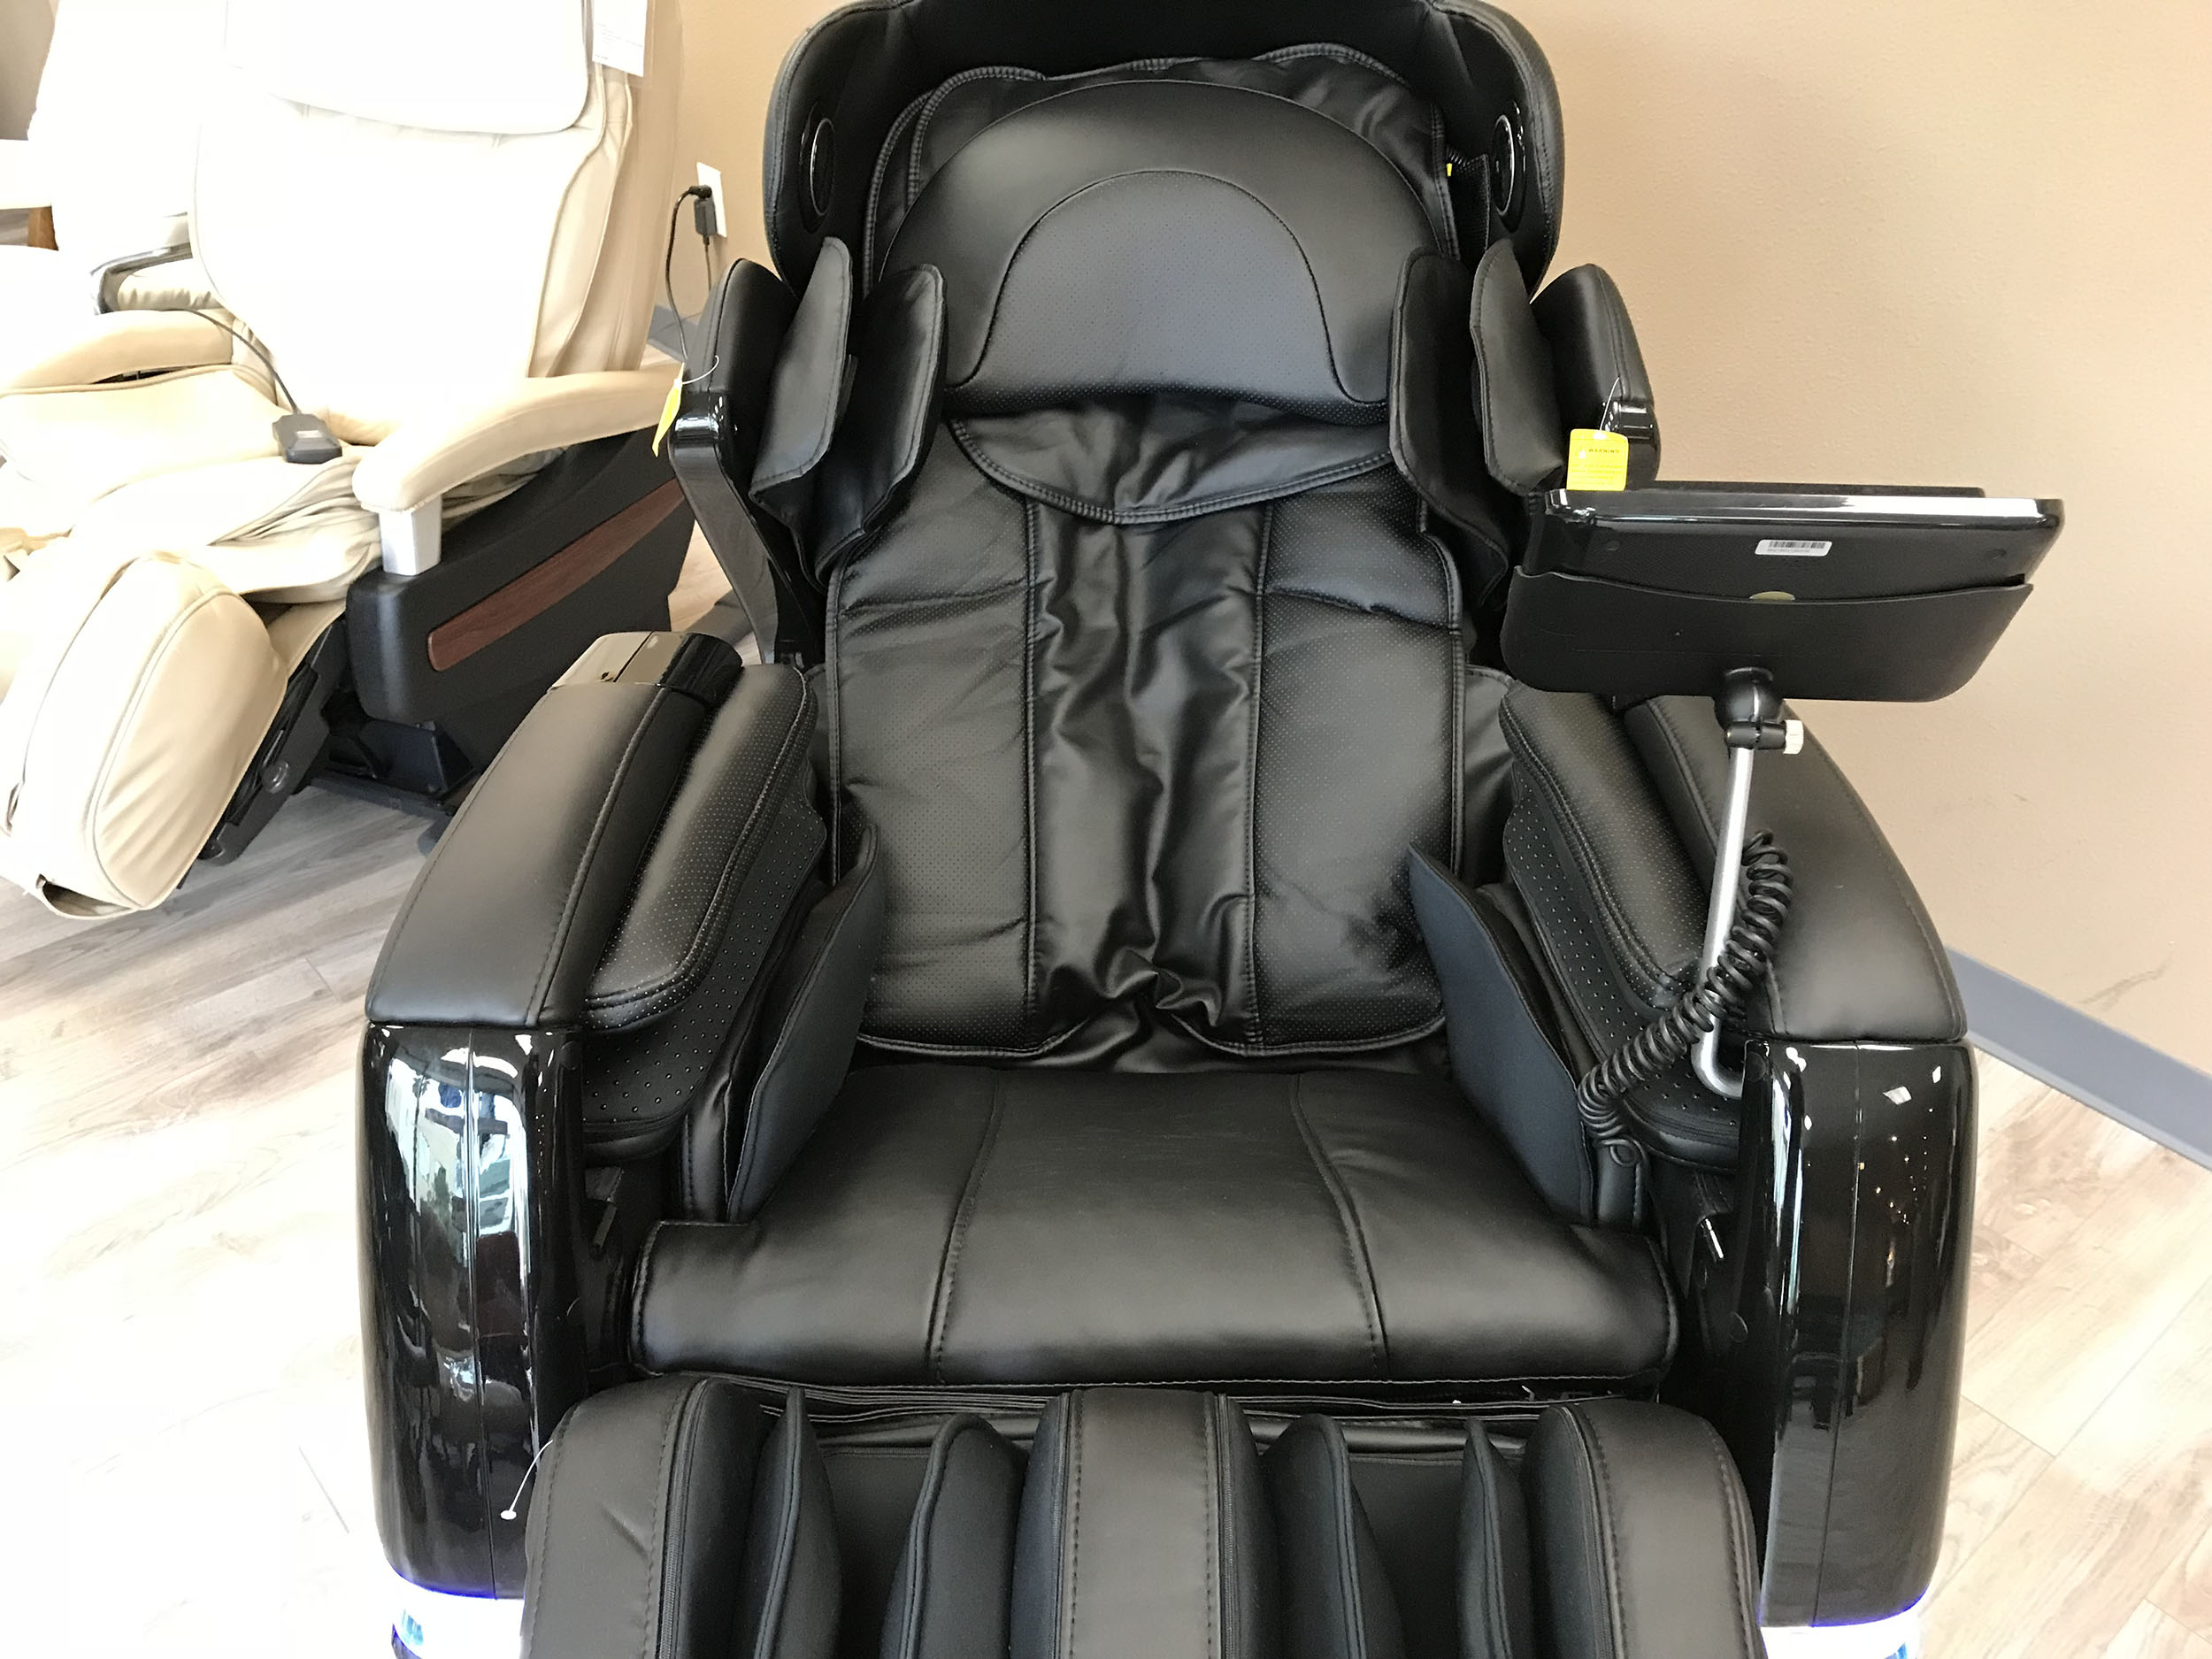 osaki os 3d pro cyber massage chair herman miller fiberglass zero gravity recliner and